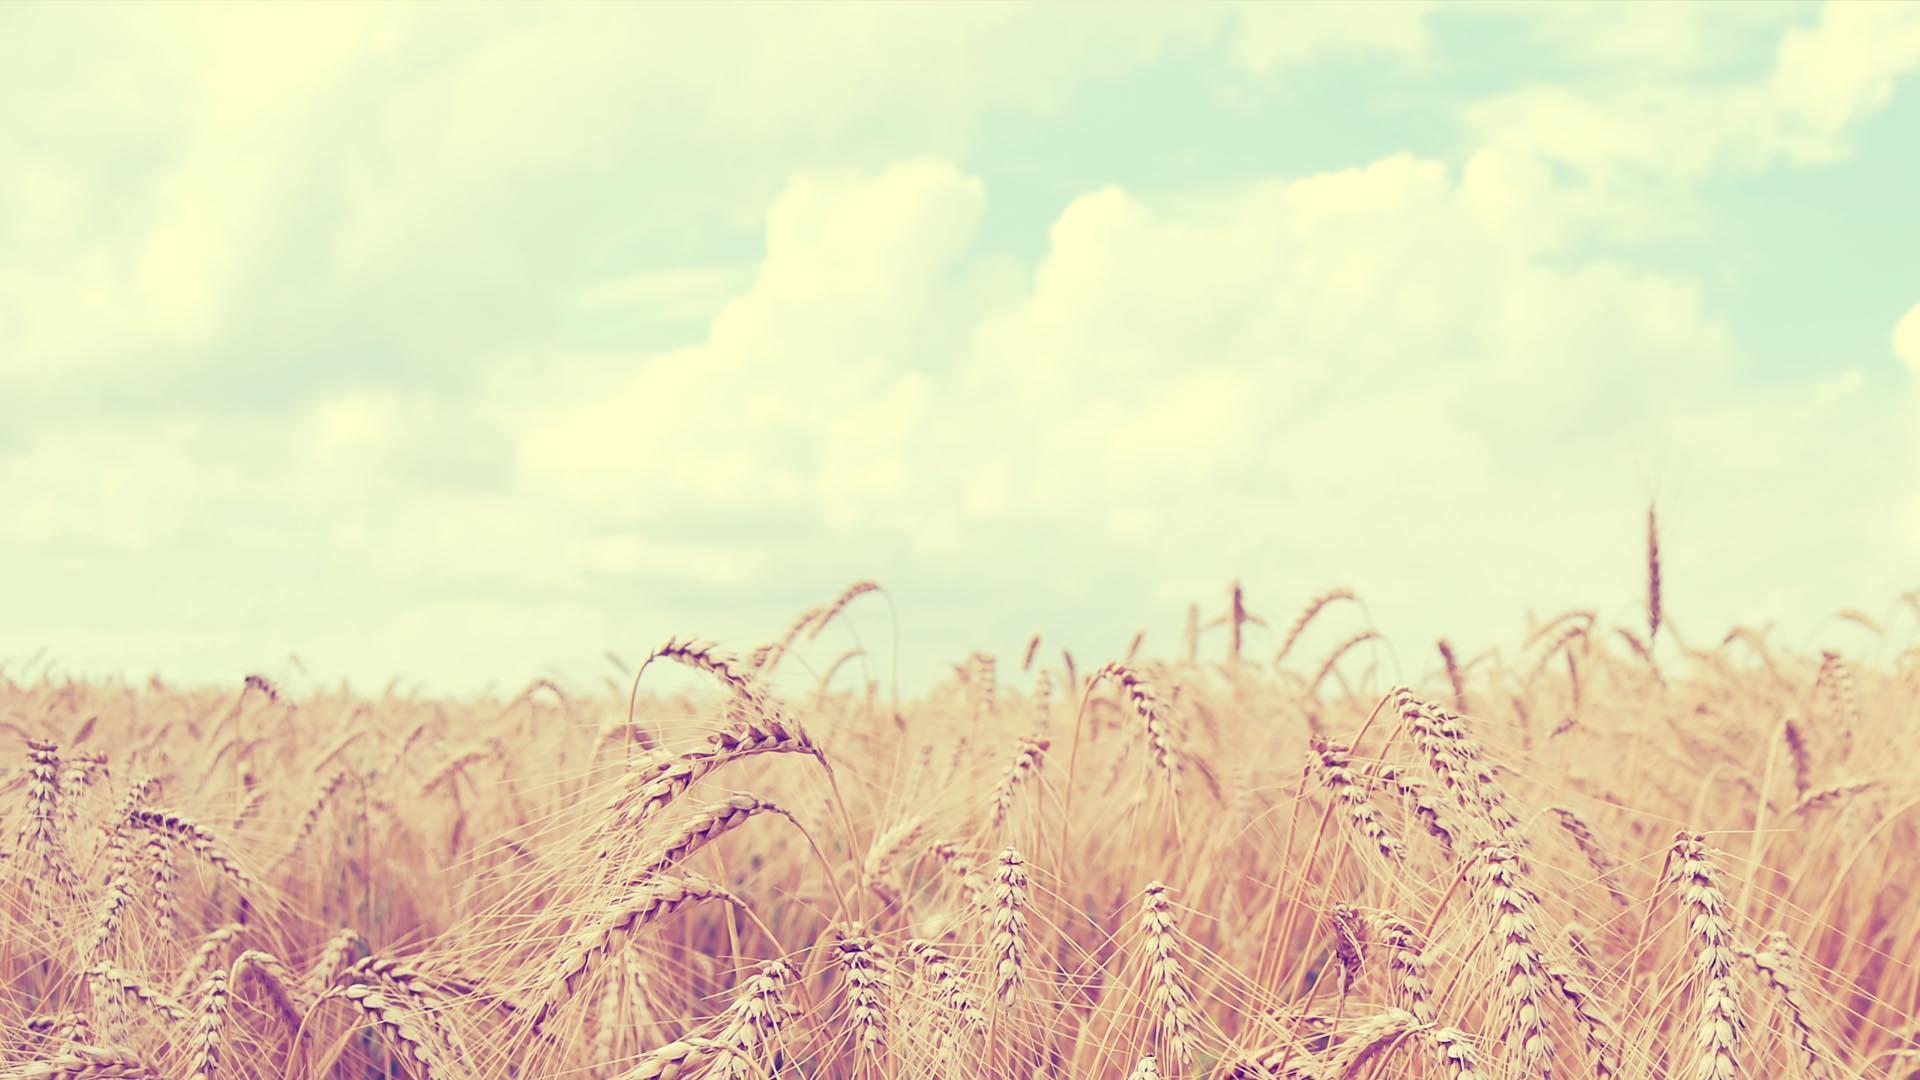 Soft Wheat Field HD Wallpaper » FullHDWpp - Full HD Wallpapers ...